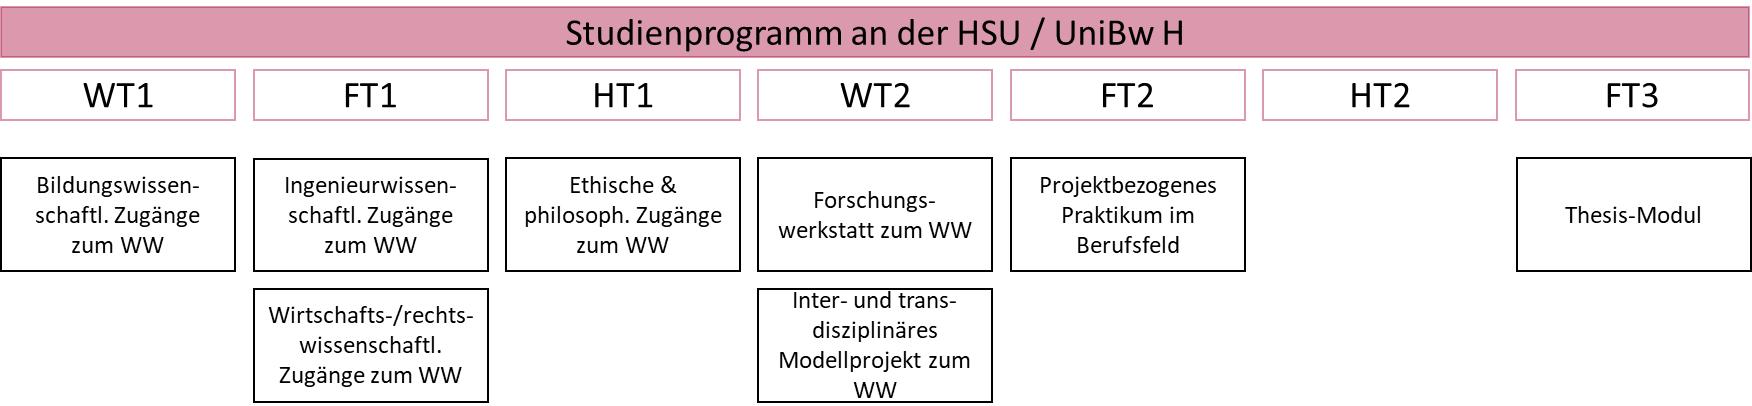 Zentrum für wissenschaftliche Weiterbildung (ZWW) der Helmut-Schmidt Universität / Universität der Bundeswehr Hamburg (HSU / UniBw H), Weiterbildung Master-Studiengang Wertschöpfungs- und Wissensmanagement (IngWW)